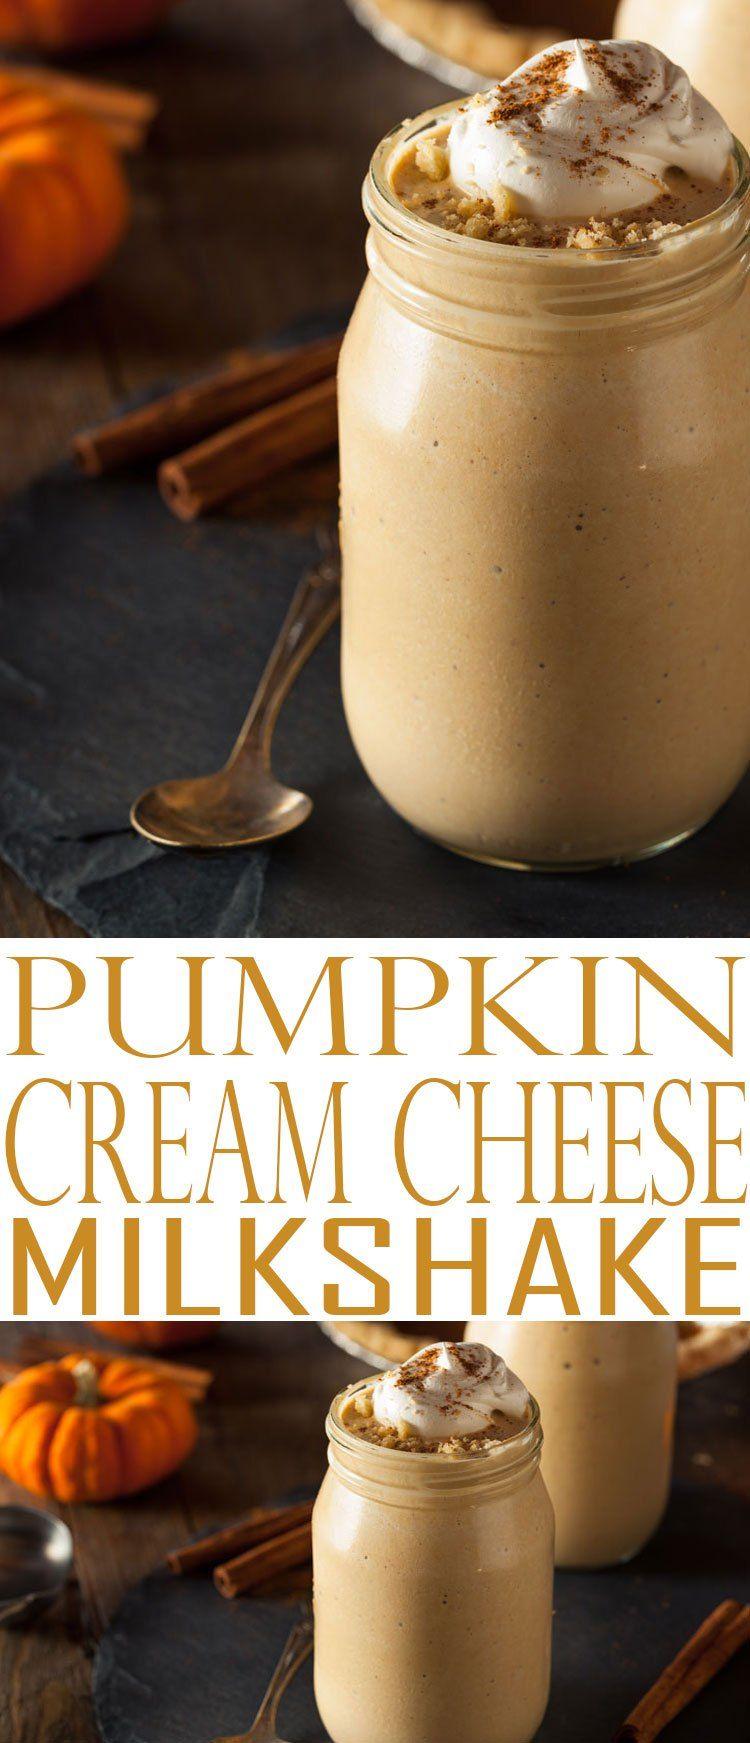 Pumpkin Cream Cheese Milkshake Pumpkin Pie Milkshake Is